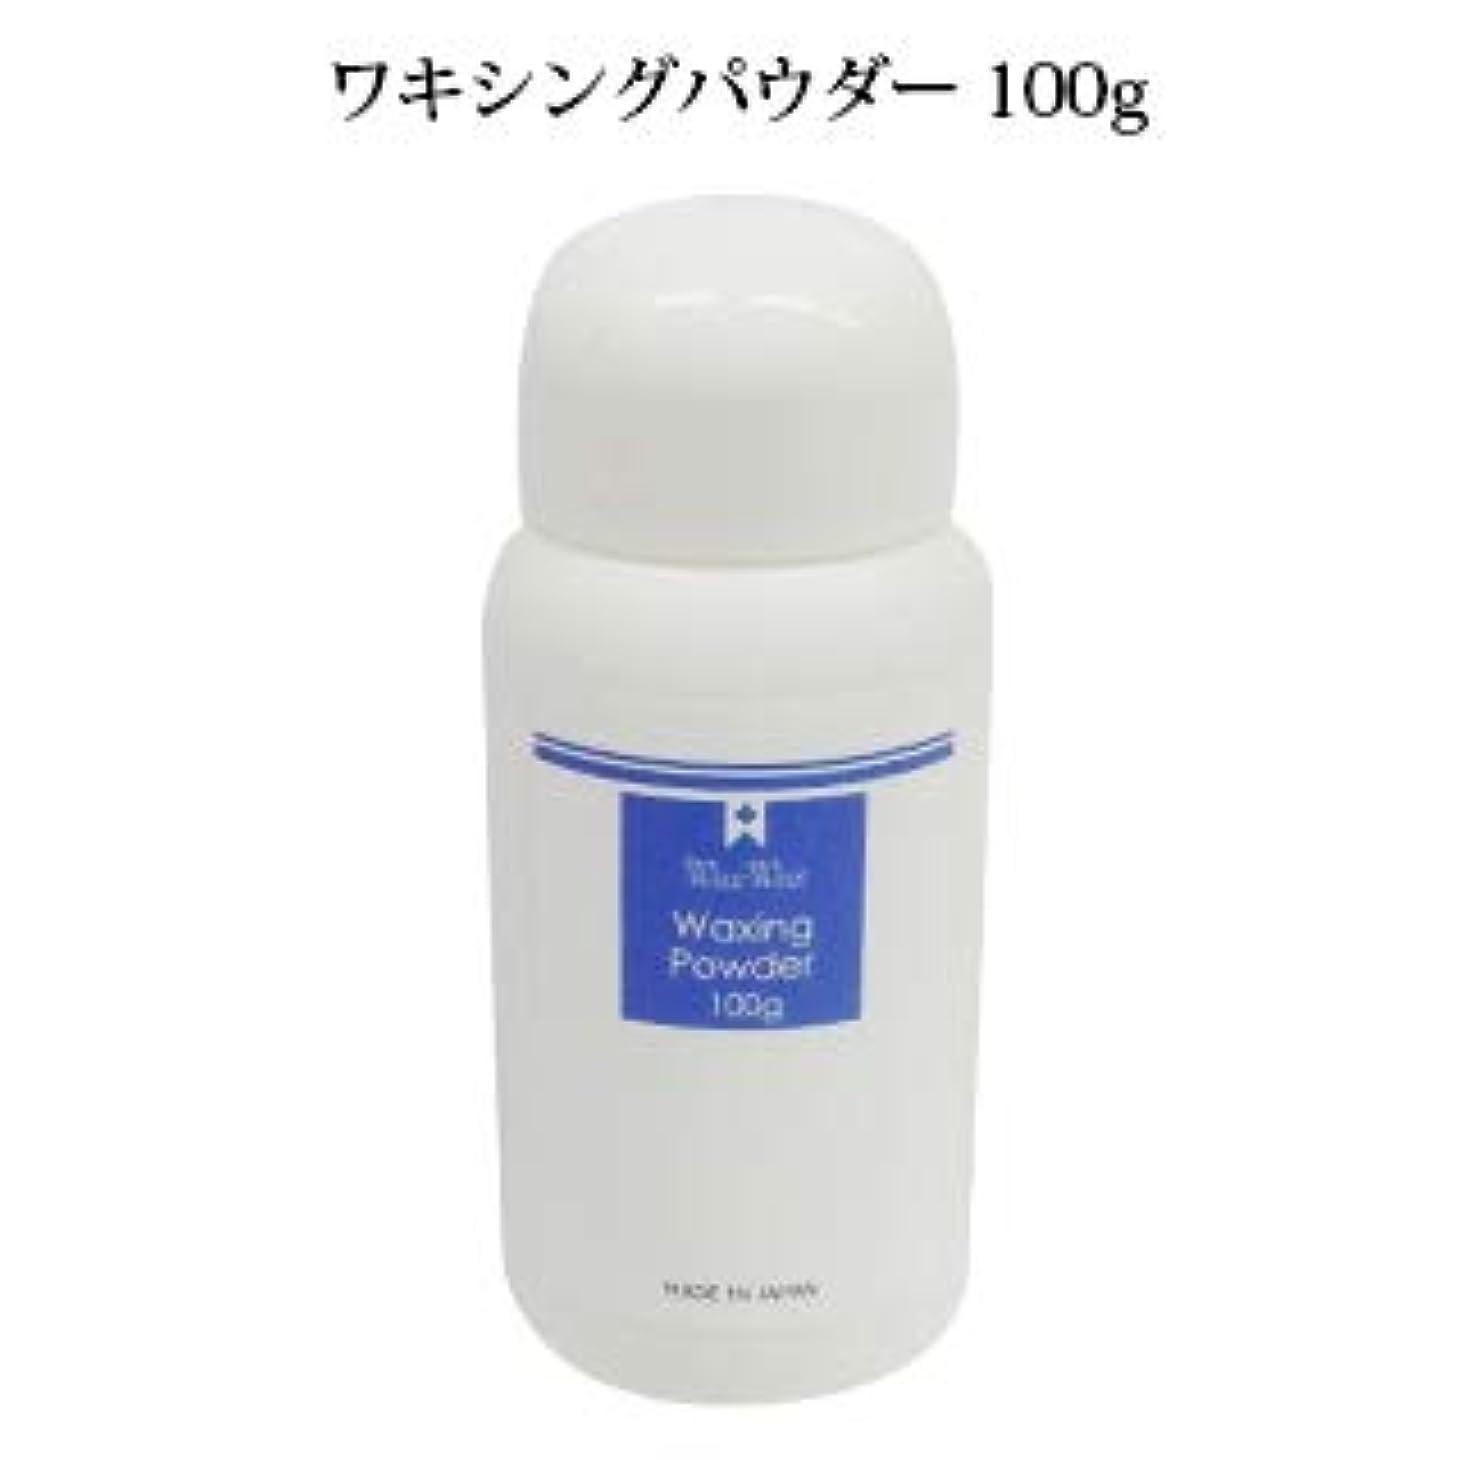 悲惨な重要斧New ワキシングパウダー 100g ~施術前処理~